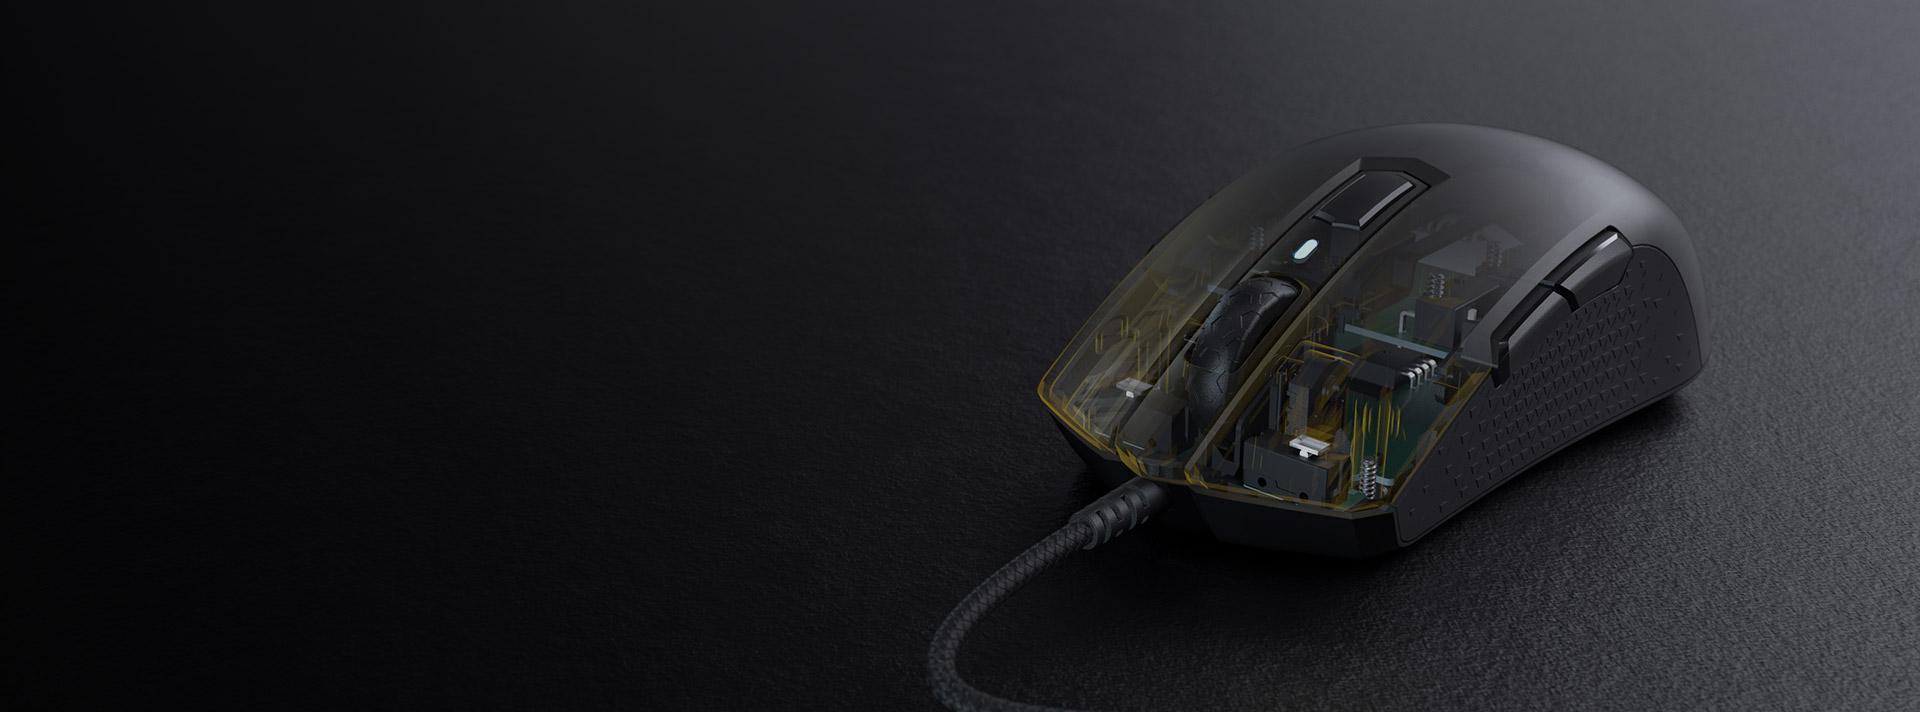 Chuột chơi game Corsair M55 RGB White (CH-9308111-AP) có kết cấu bền bỉ